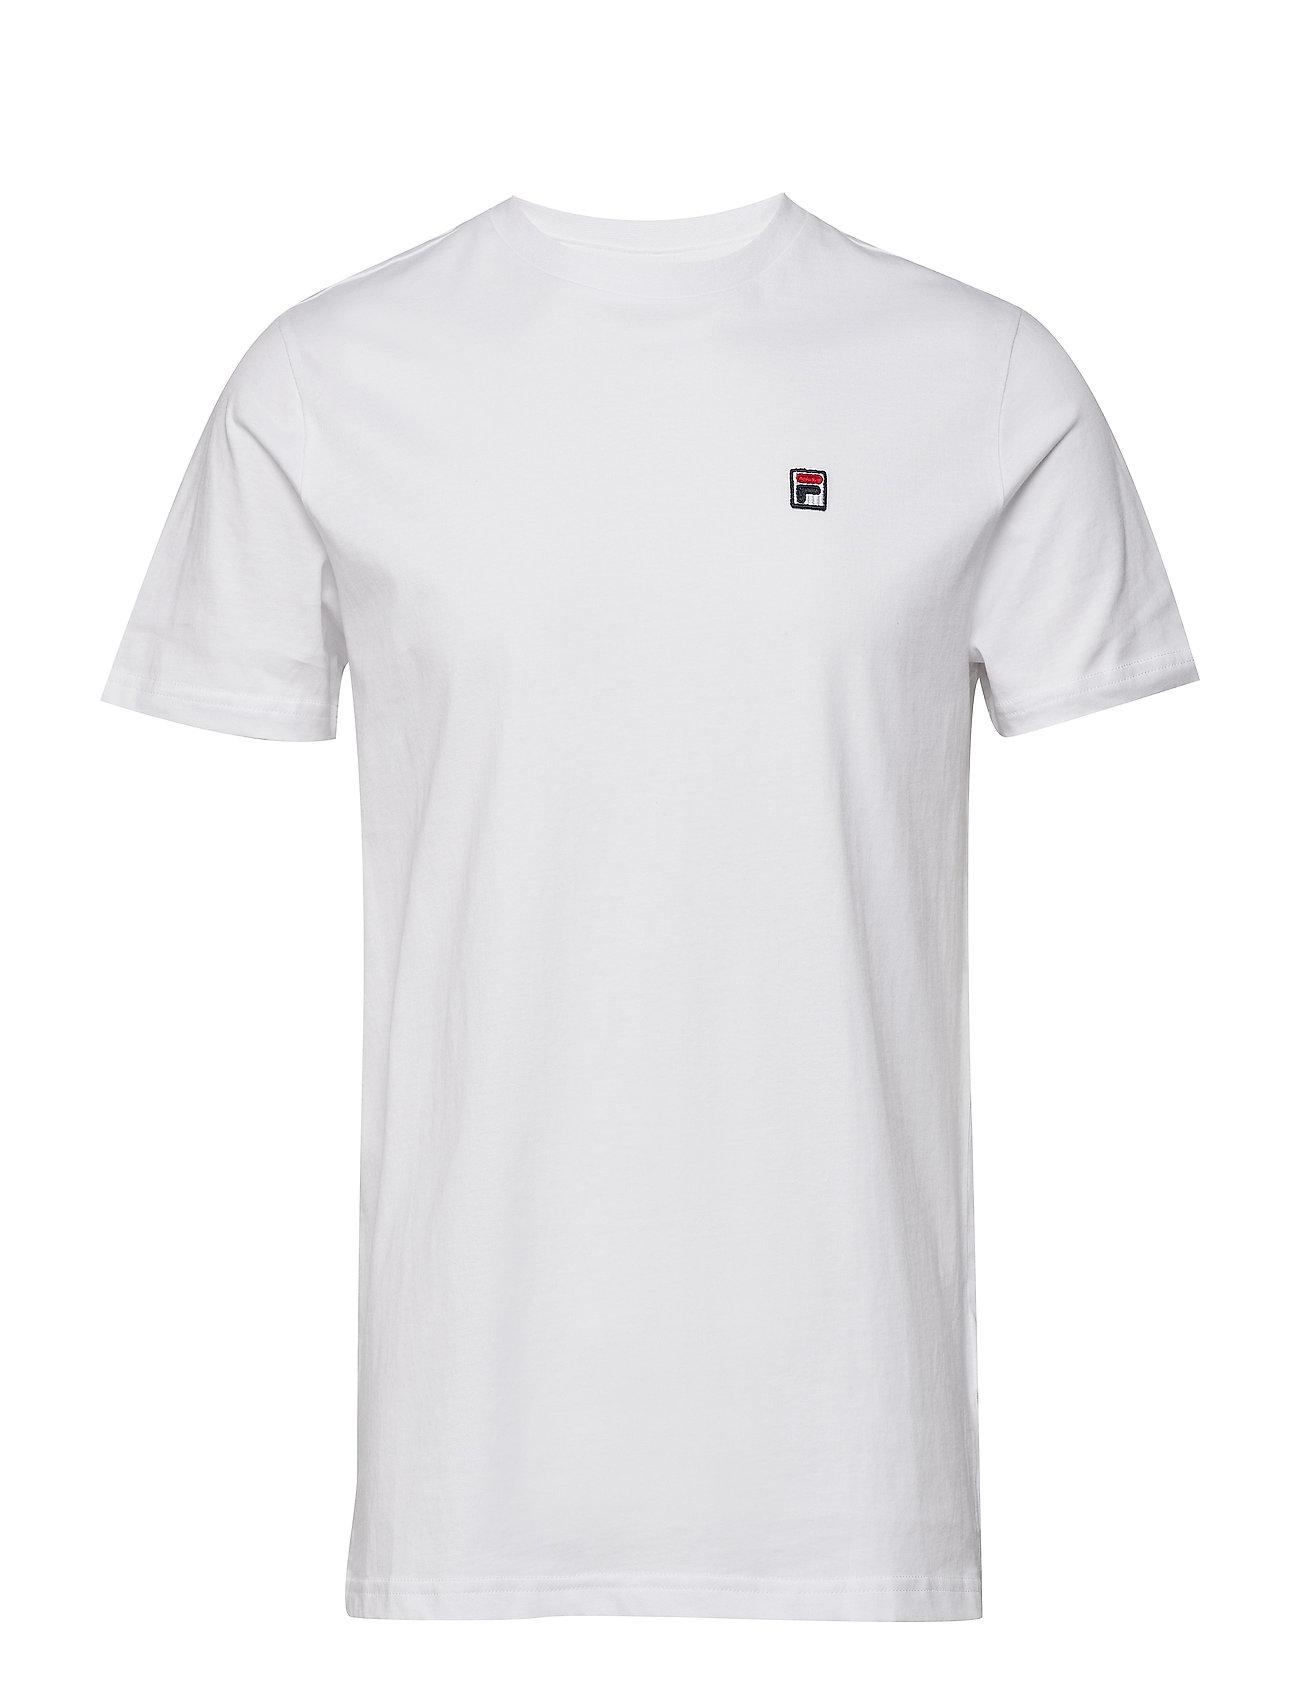 Image of Men Seamus Tee Ss T-shirt Hvid FILA (3444842585)